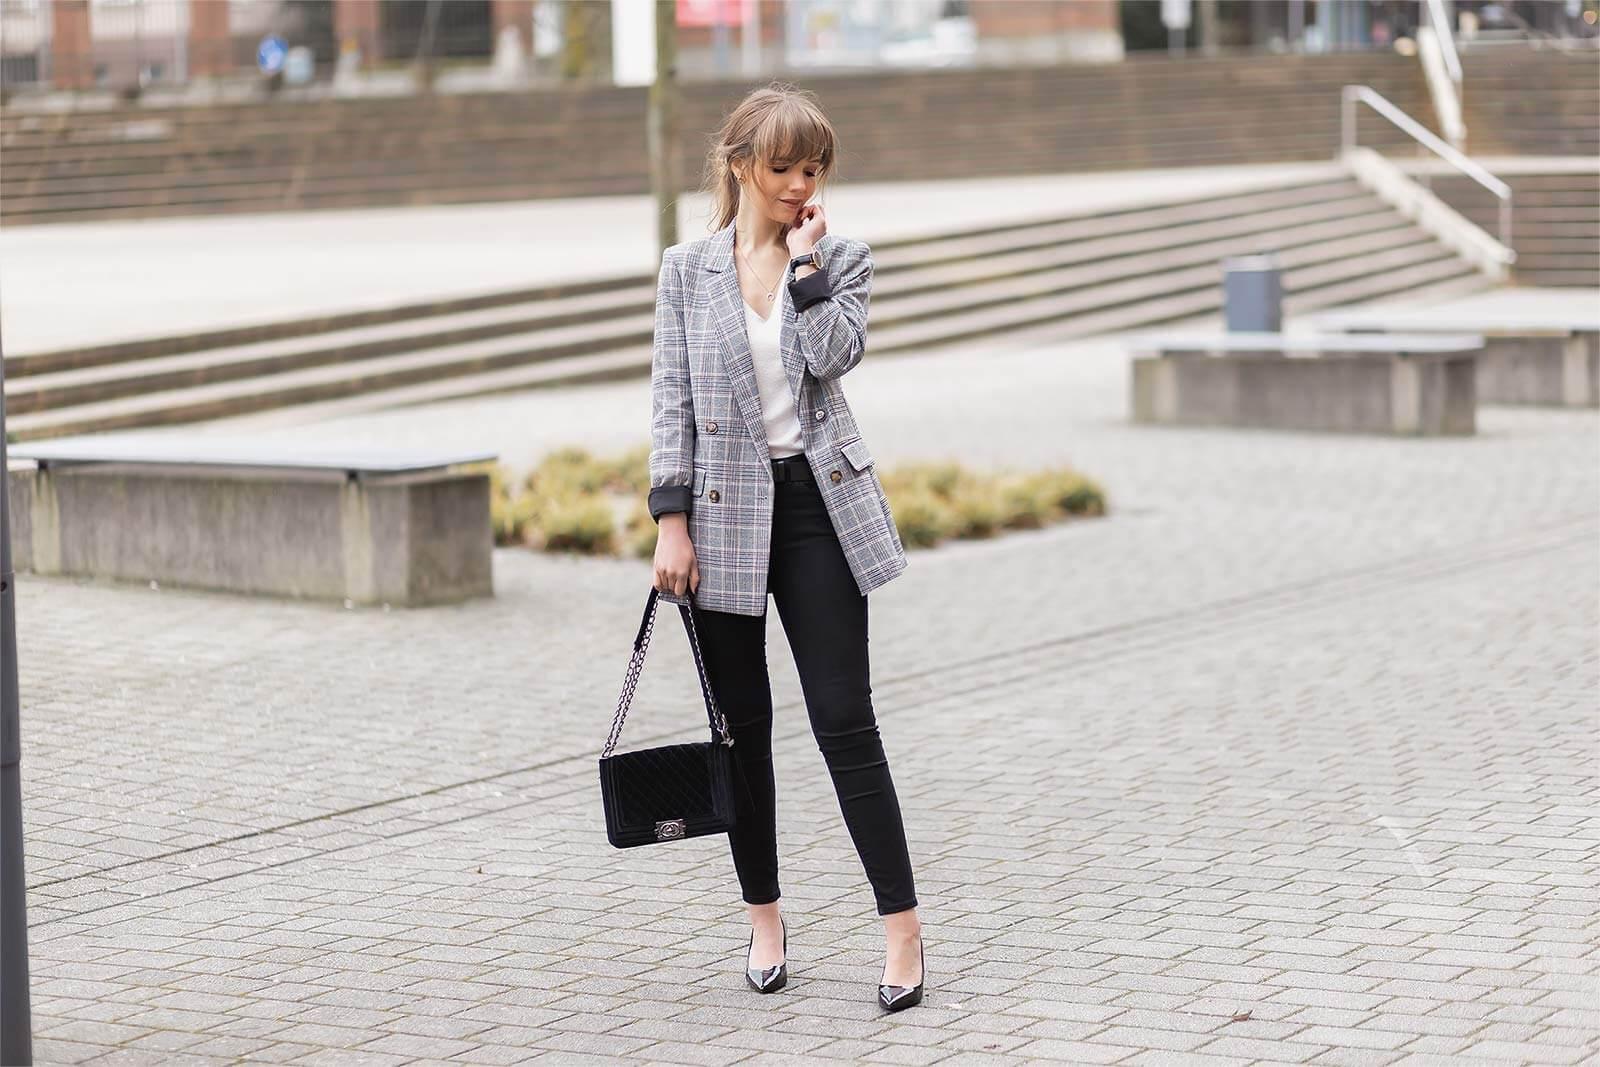 Schuhe für's Büro finden, Business Schuhe, Shoelove by Deichmann